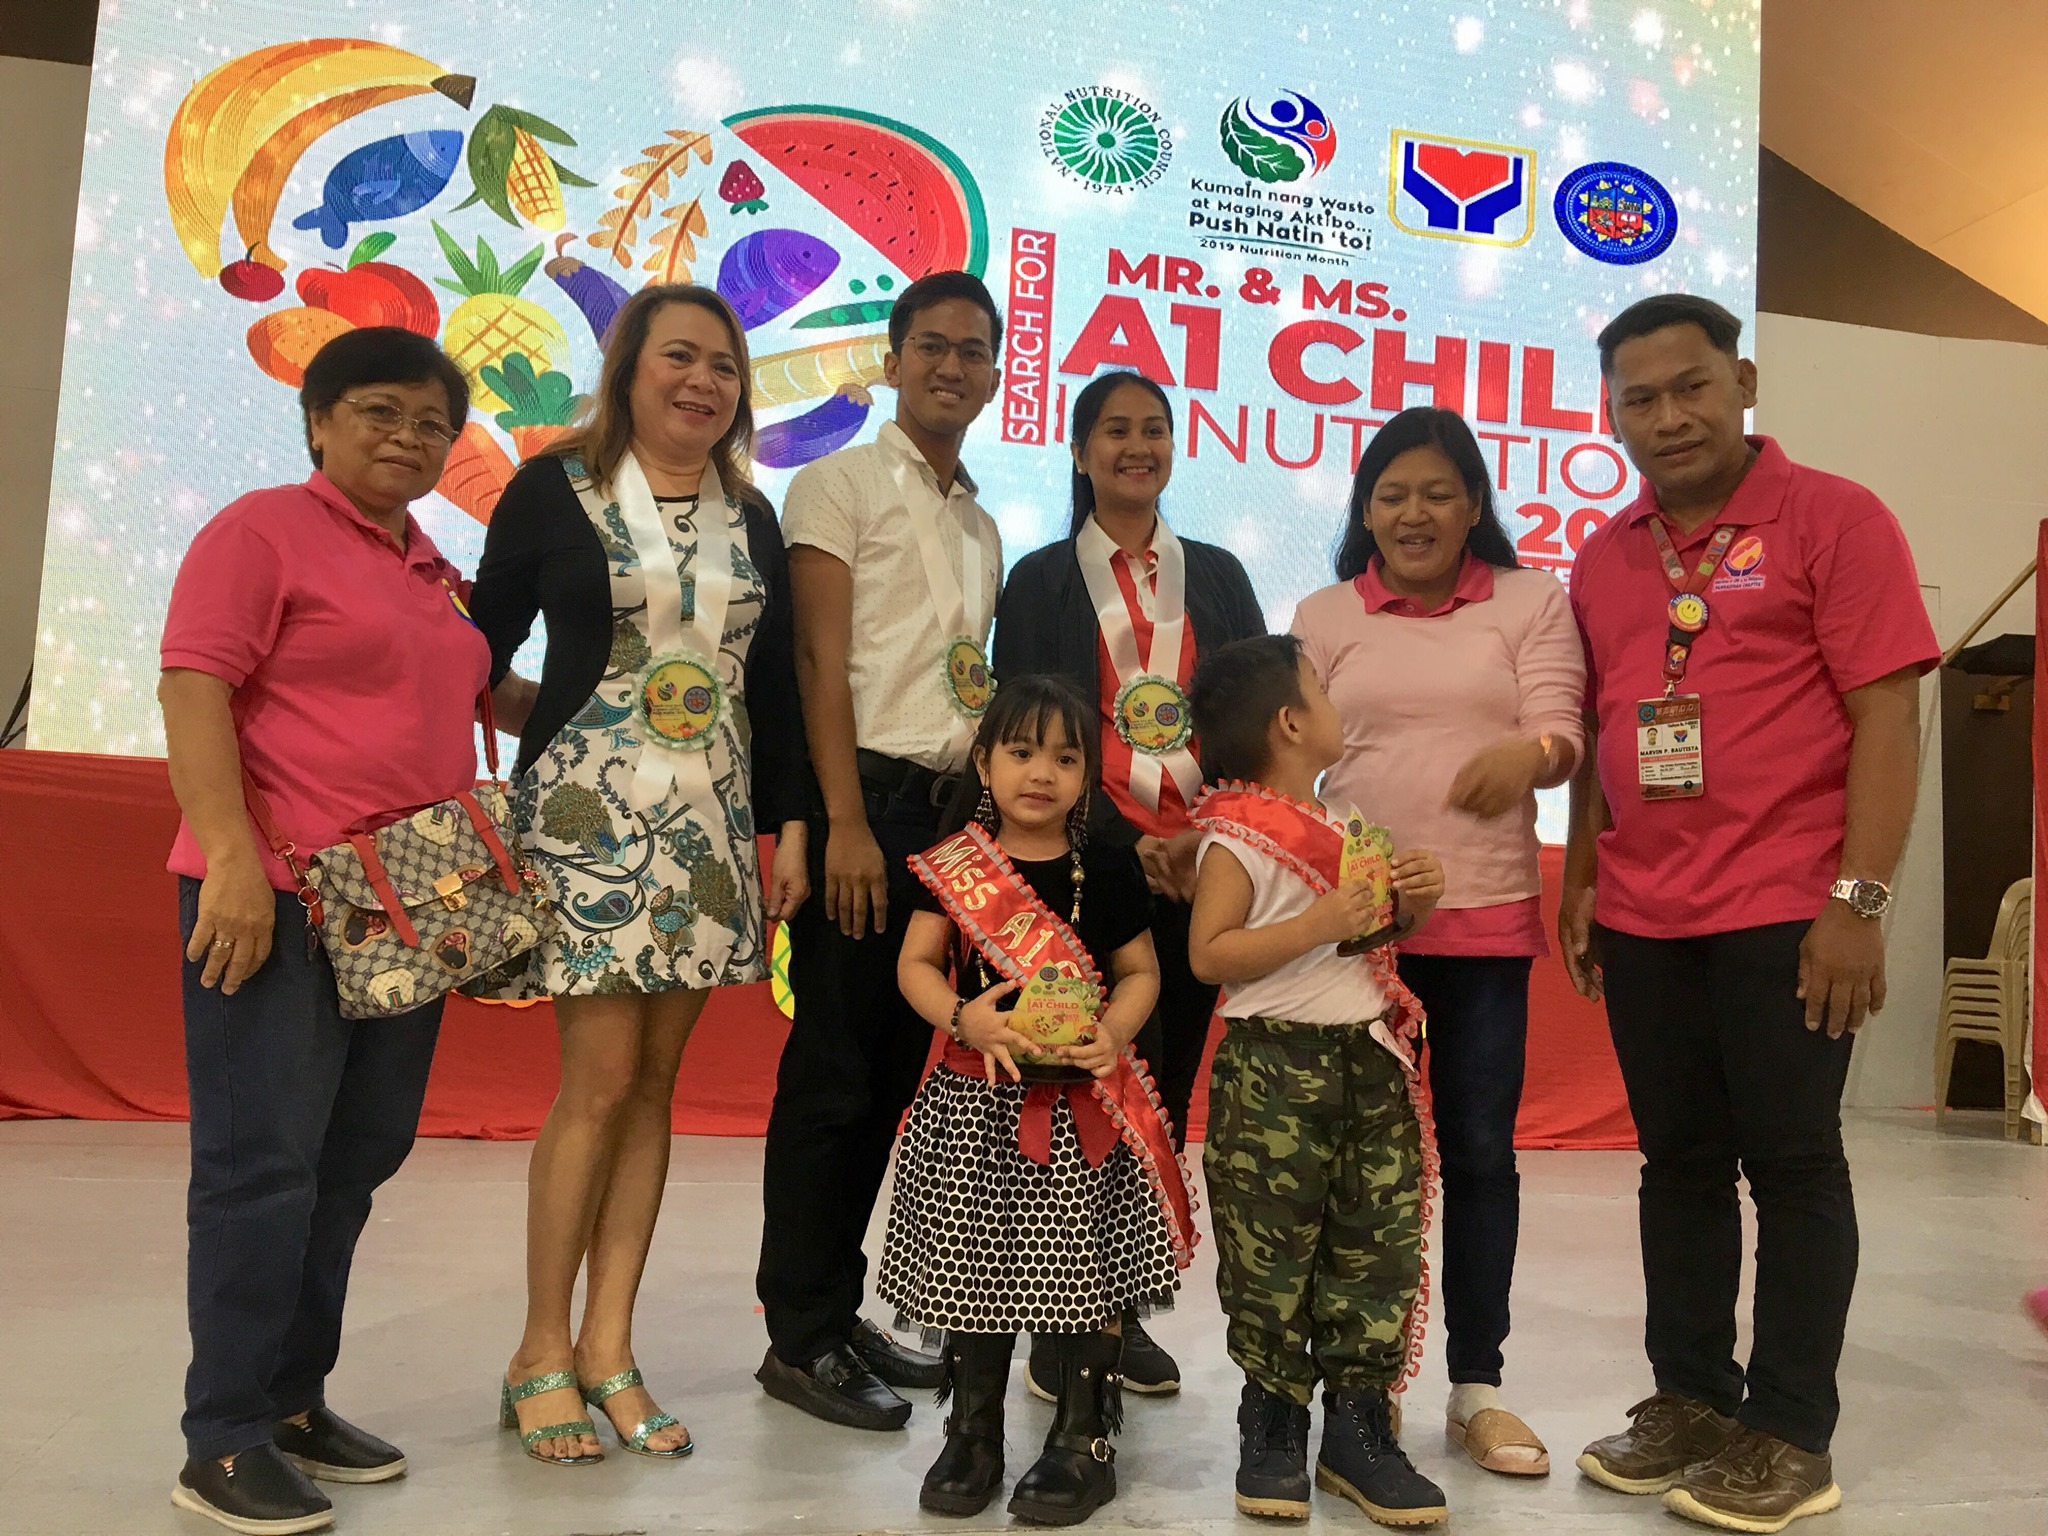 SEARCH FOR A1 CHILD 2019 | Ang Batang Bibo ay Batang Aktibo